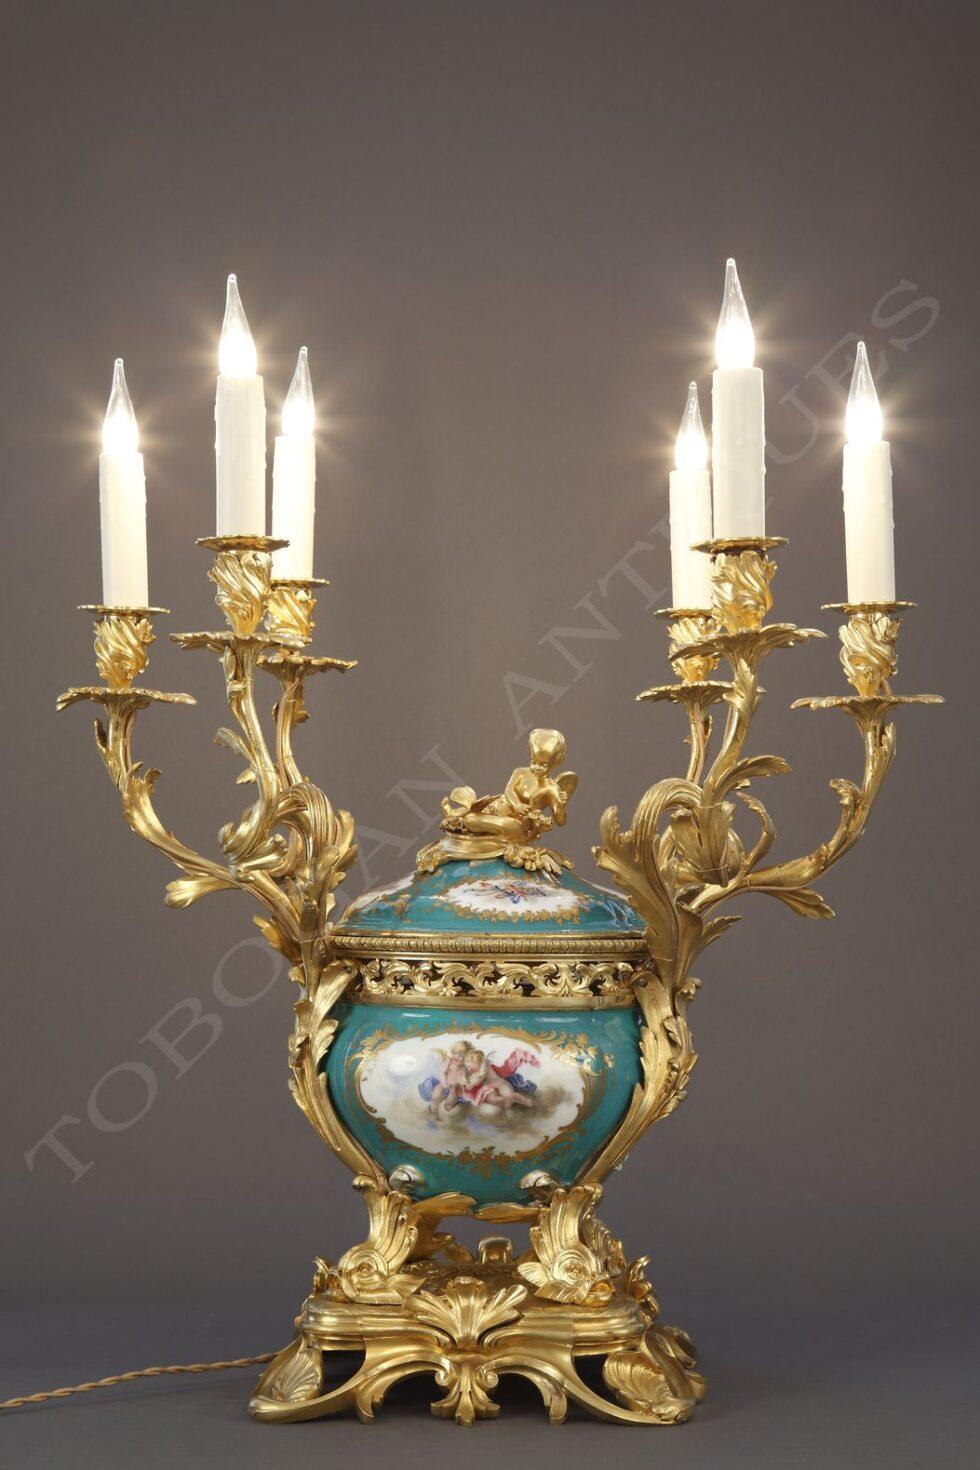 Sèvres<br />A six-light porcelain centerpiece